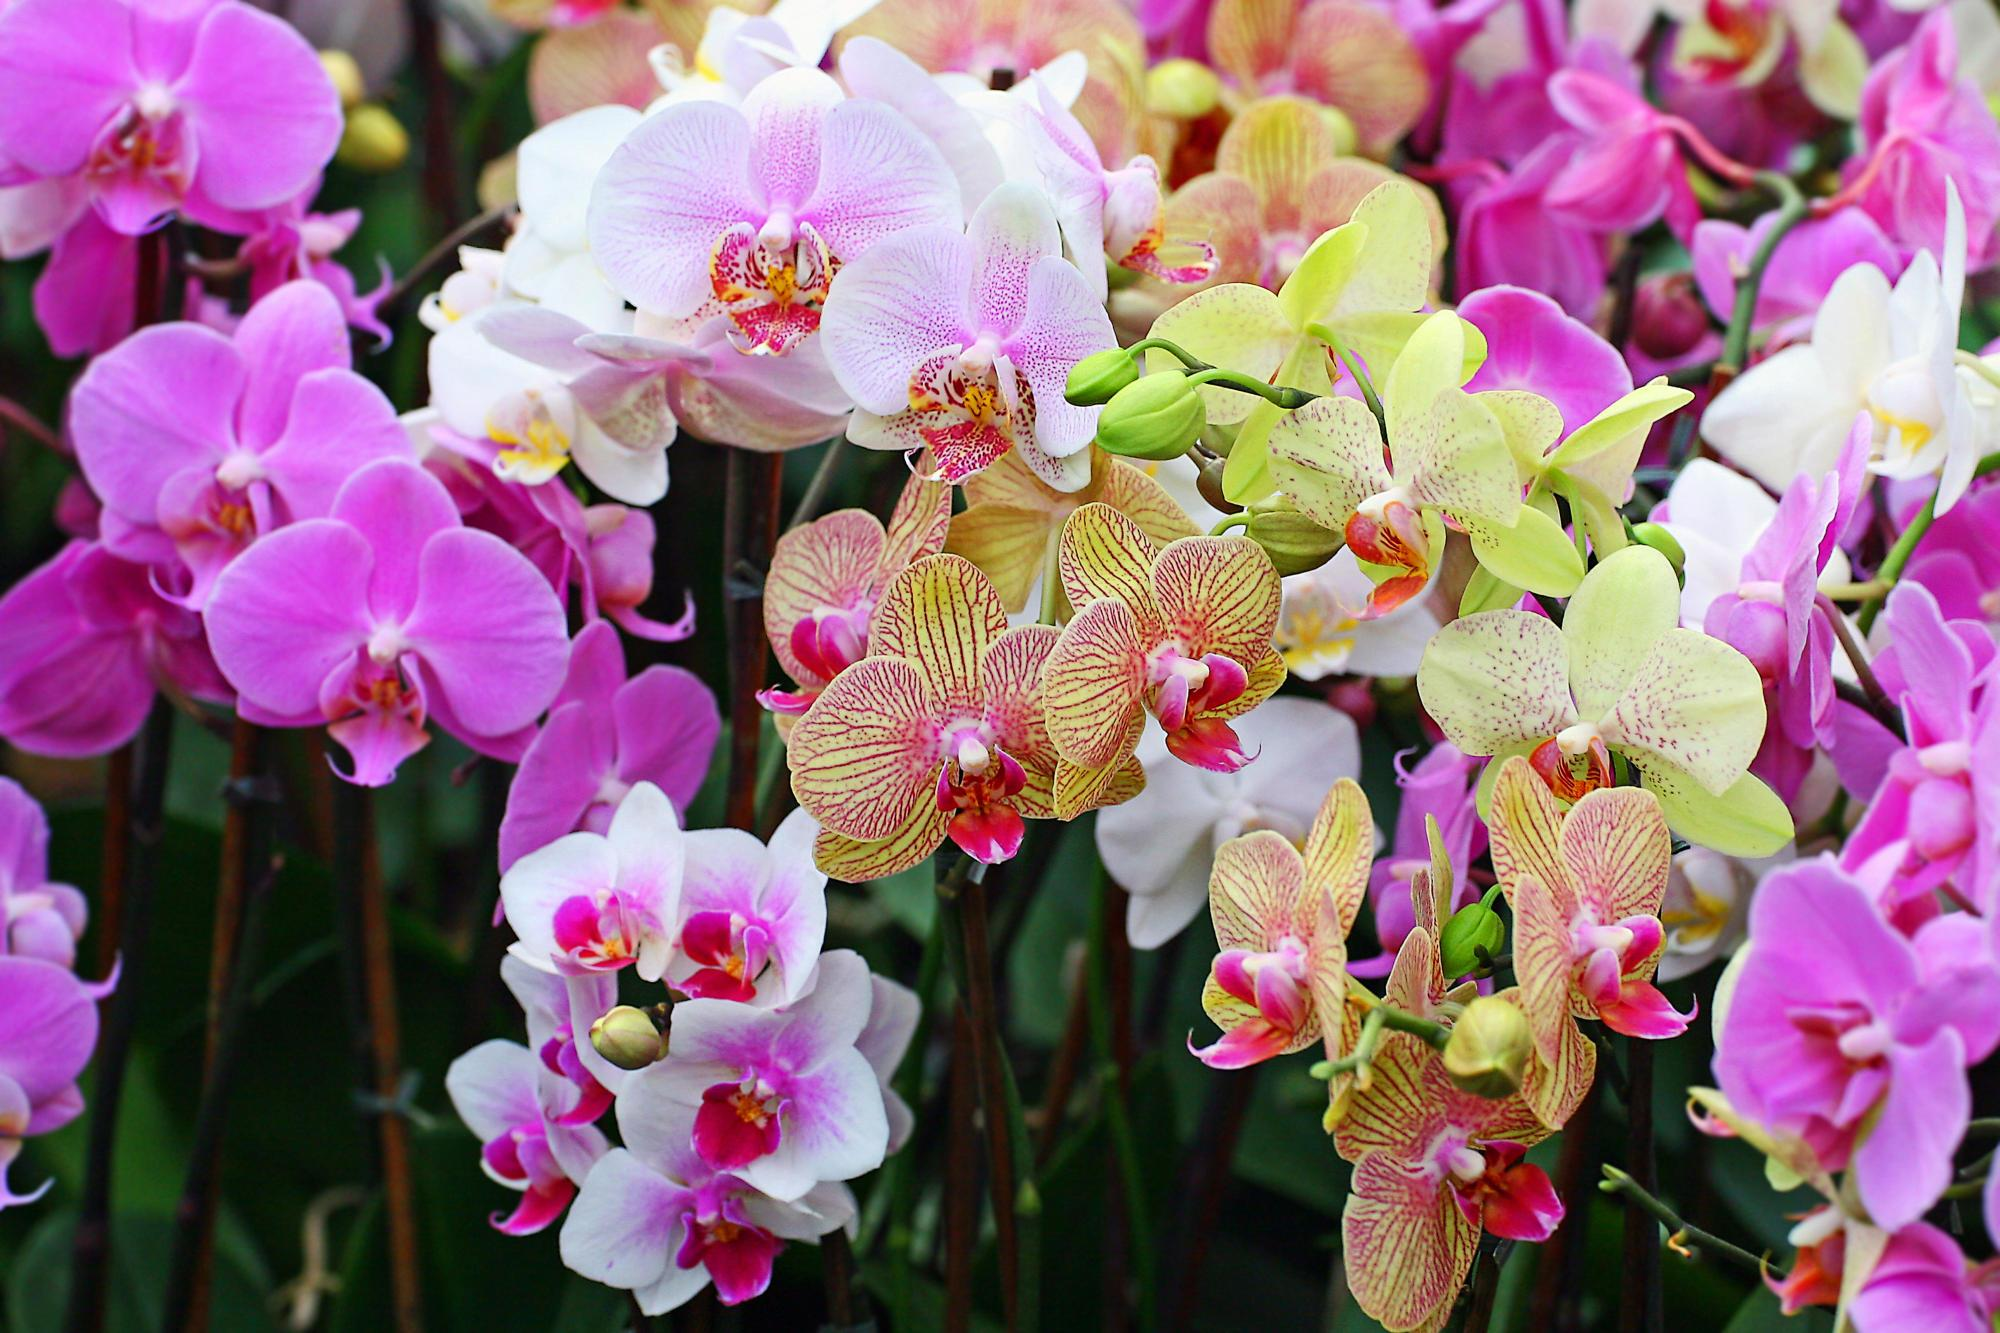 HÌnh ảnh những cành hoa lan rừng rất đẹp